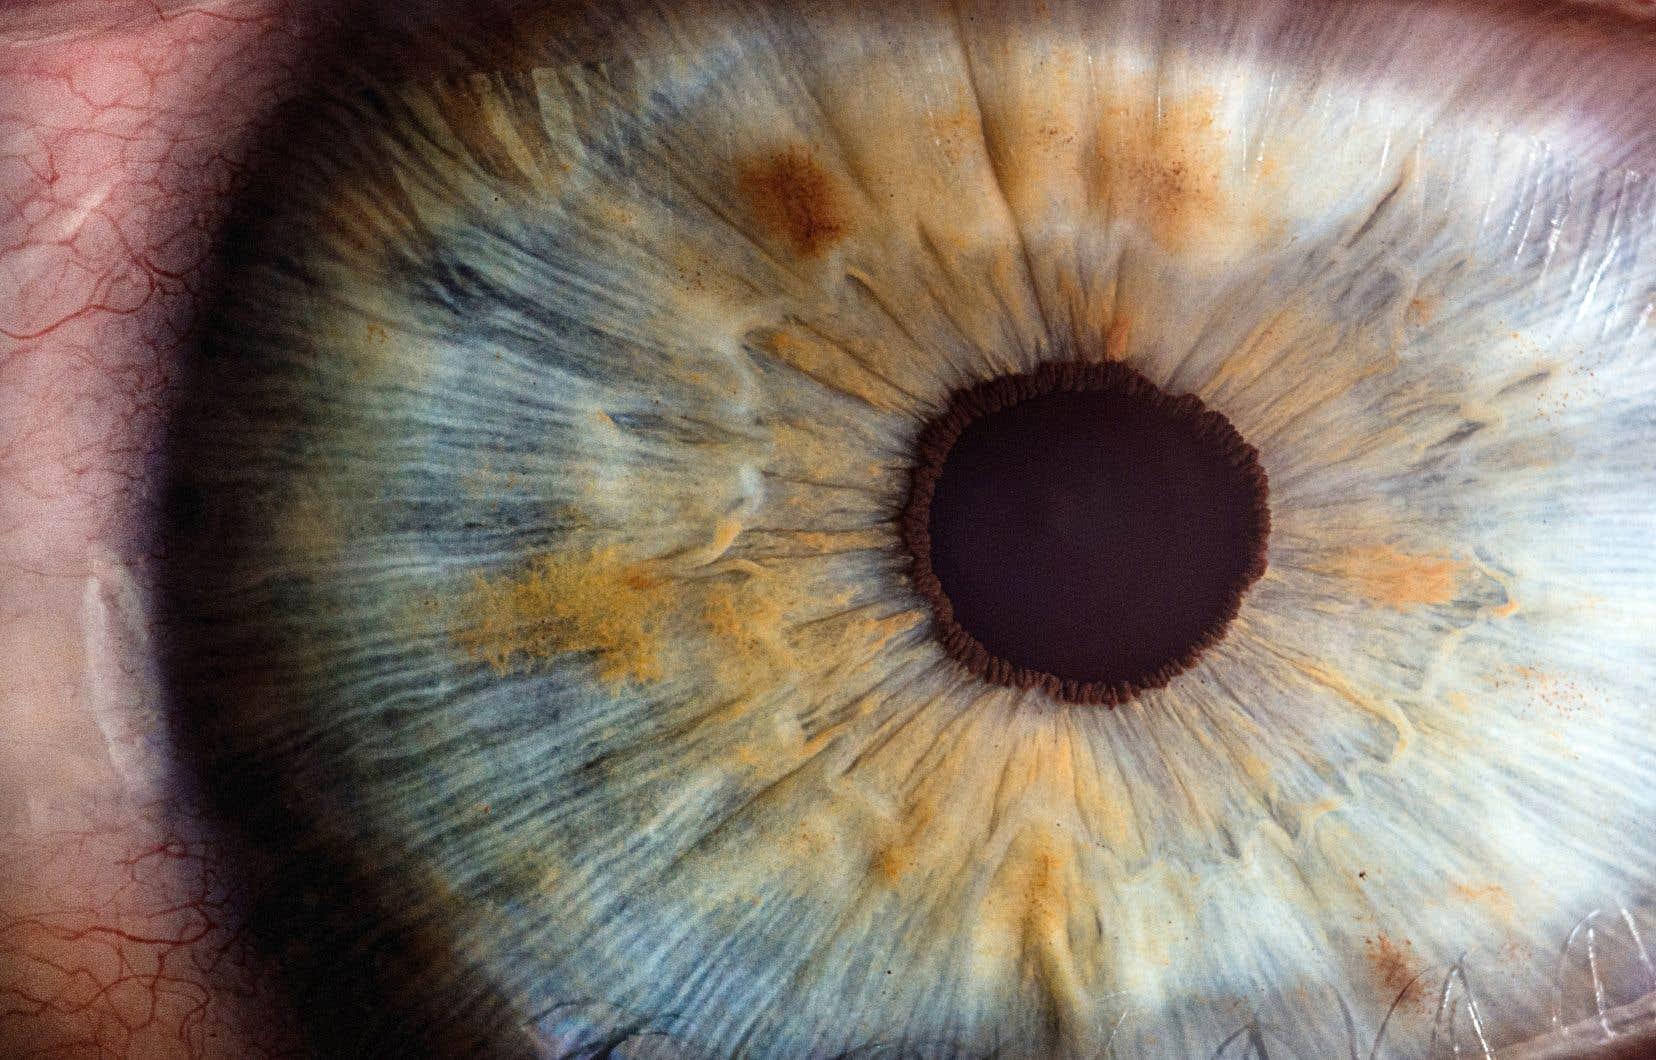 À partir d'une image de la rétine, les algorithmes détectent des micro-anévrismes, des exsudats et des nodules cotonneux associés à la maladie.